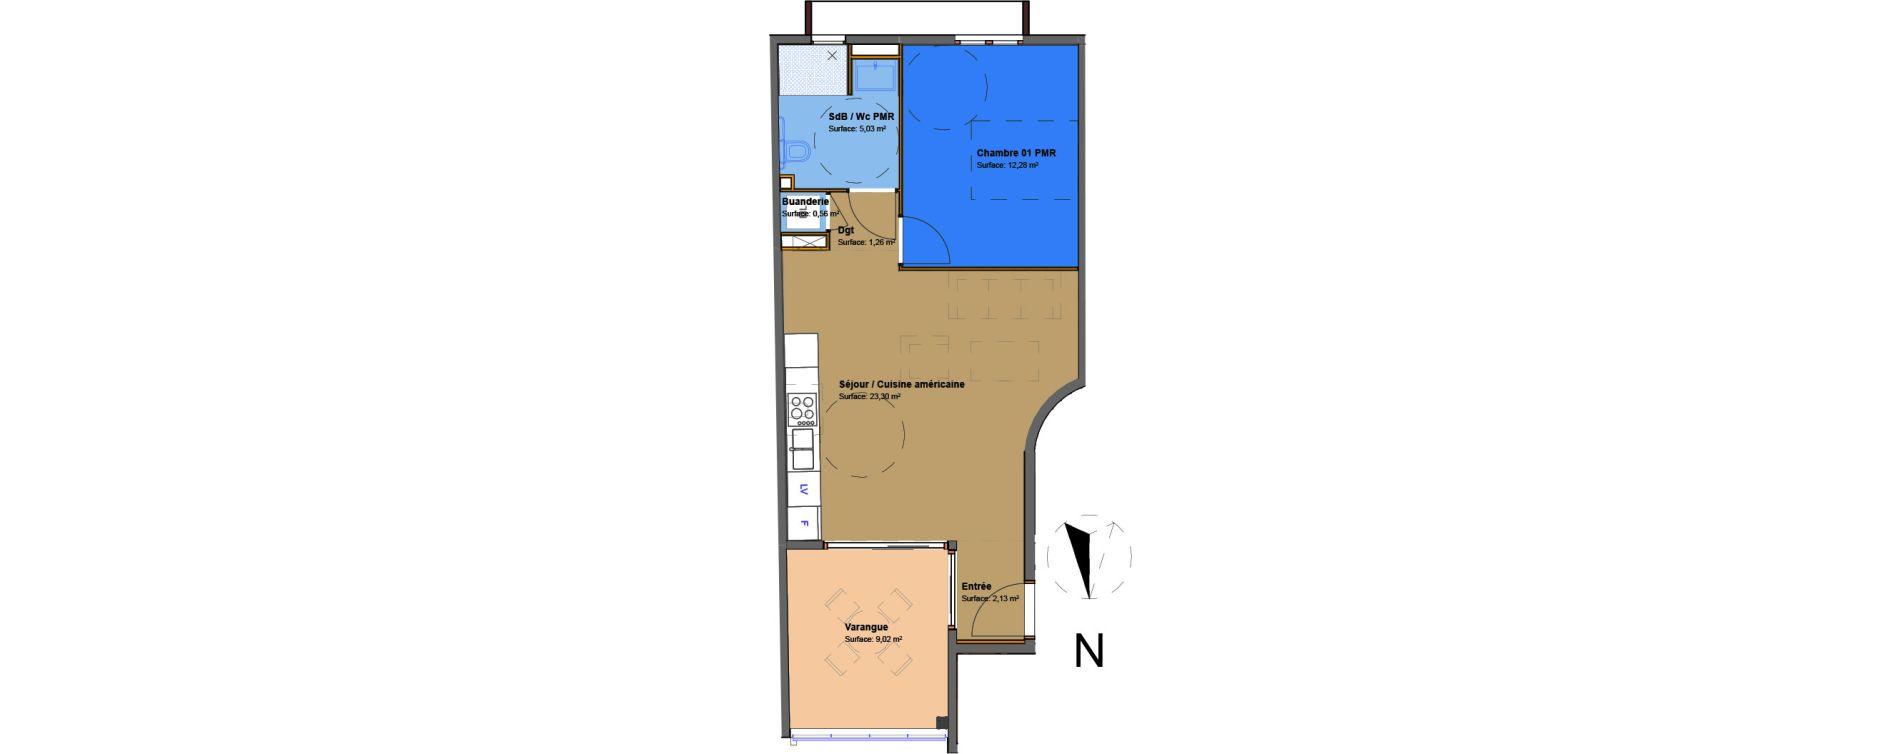 Appartement T2 de 44,56 m2 à Saint-Denis Saint denis, re